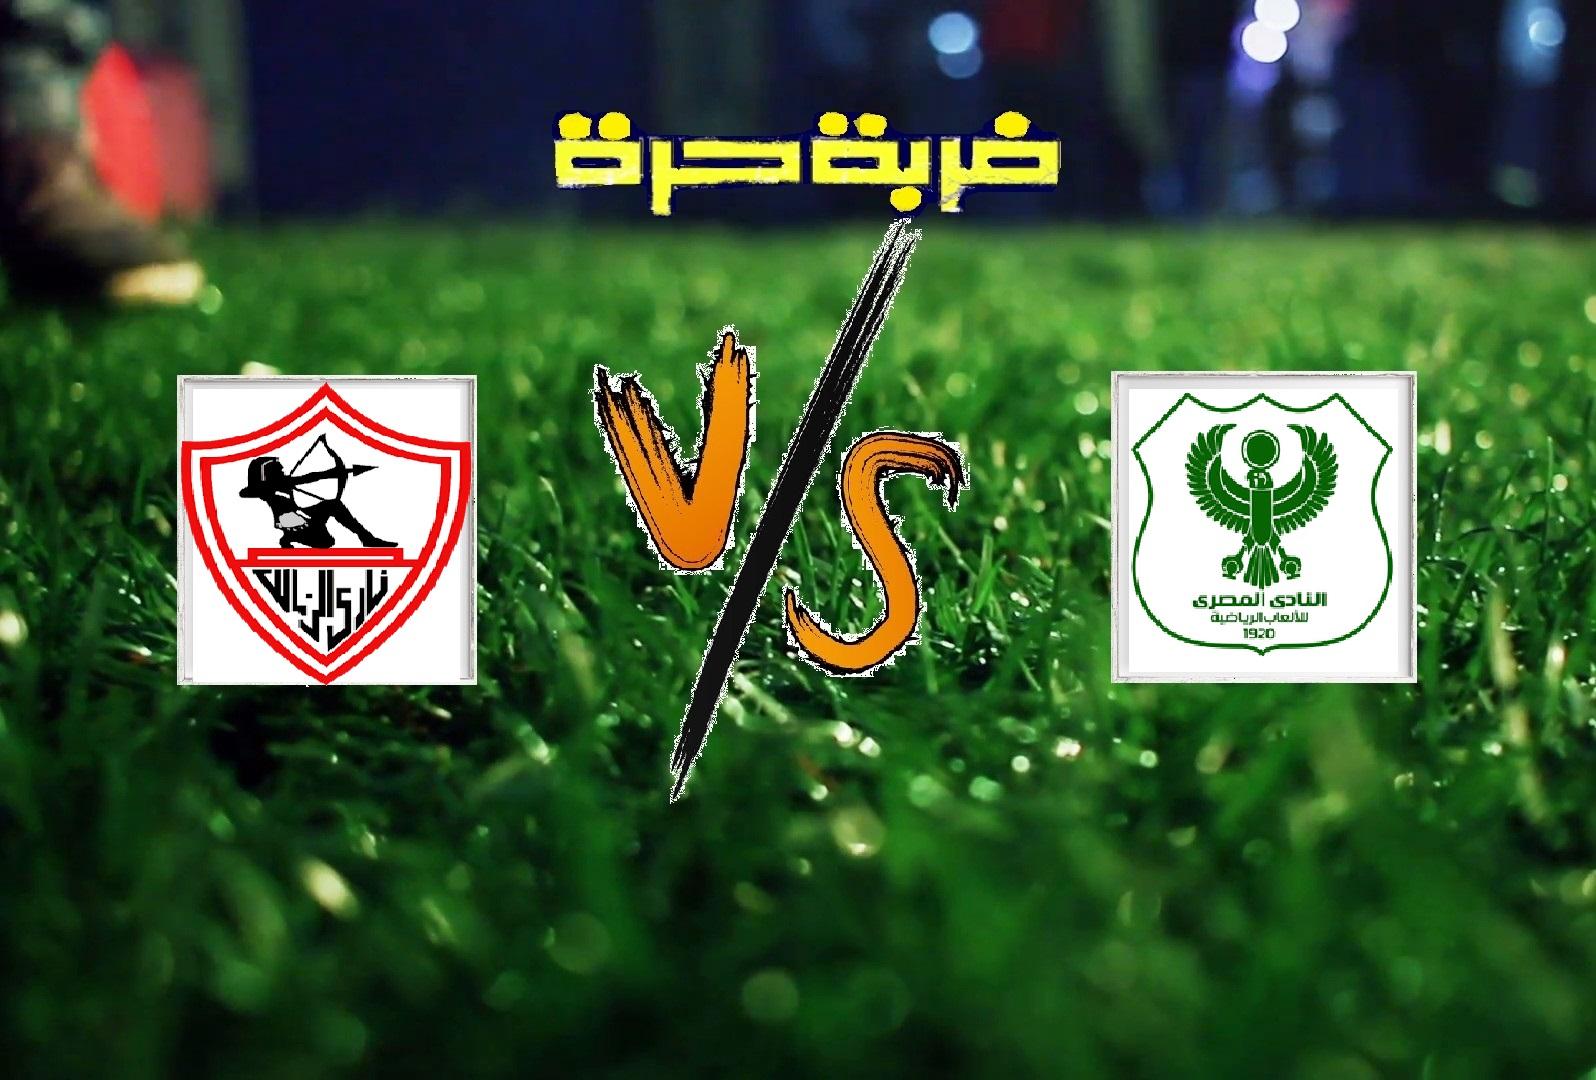 المصري البورسعيدي يفوز على الزمالك بهدفين مقابل هدف في الجولة الـ28 من الدوري المصري